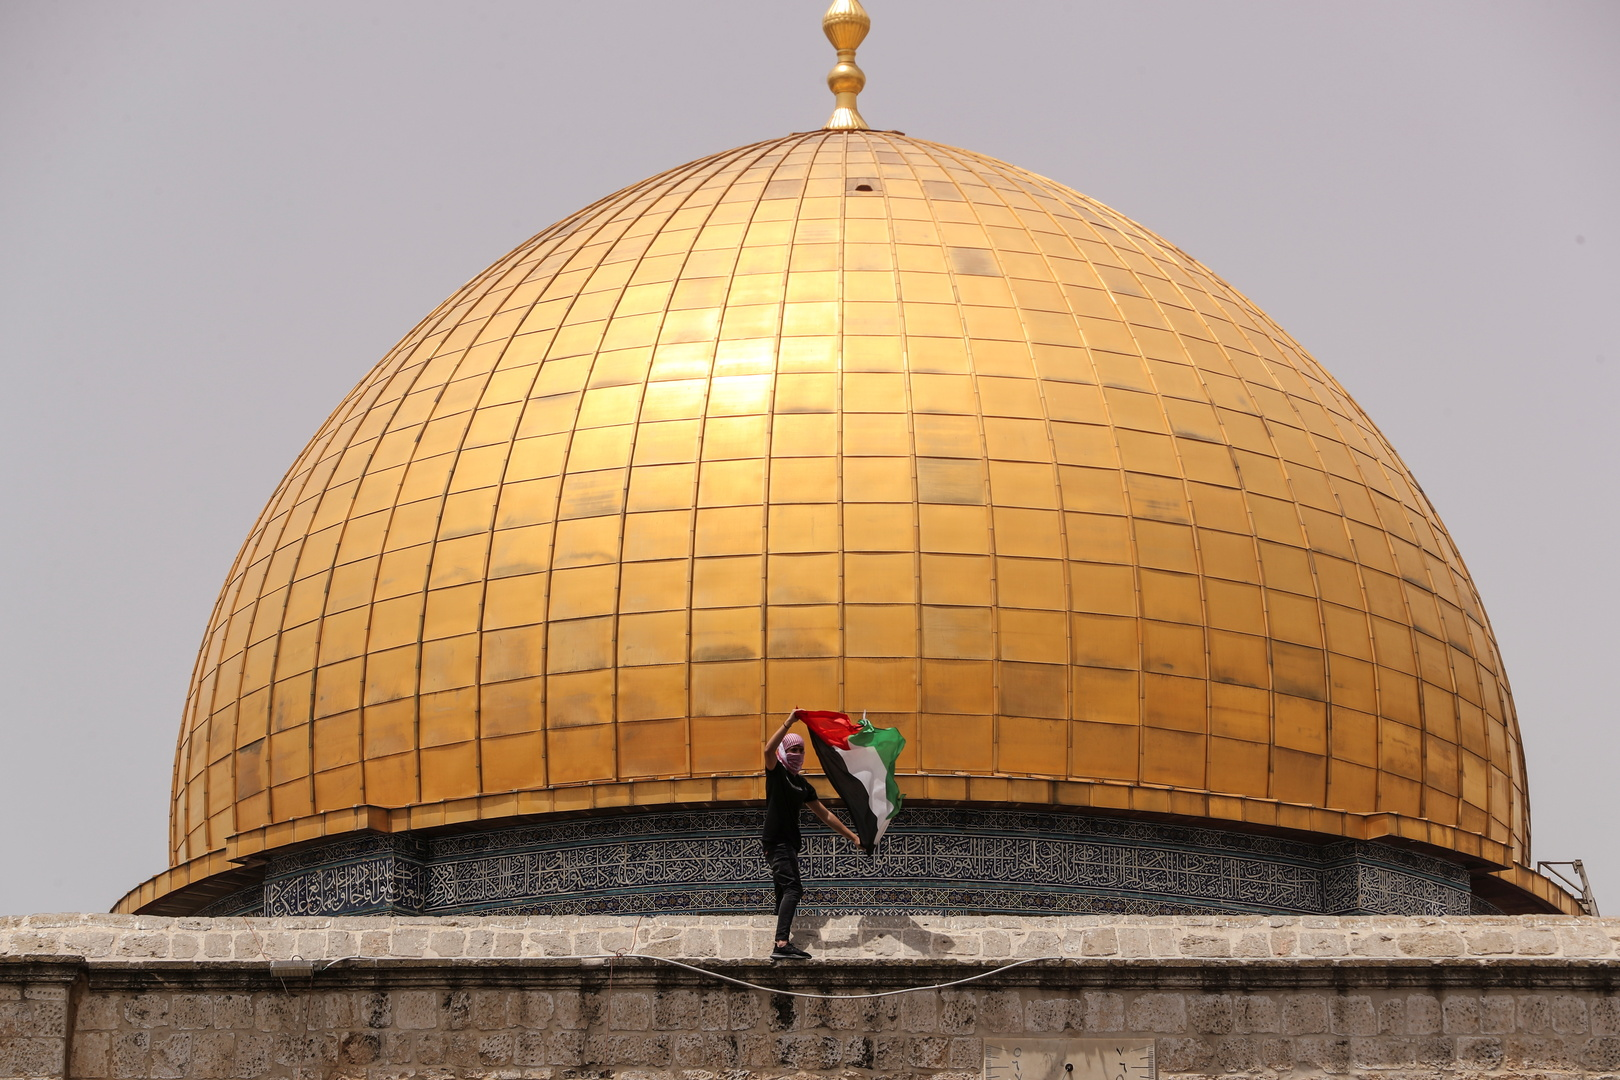 الخارجية الفلسطينية: ندين عزم مؤسسات صهيونية أمريكية إقامة احتفال في مقبرة